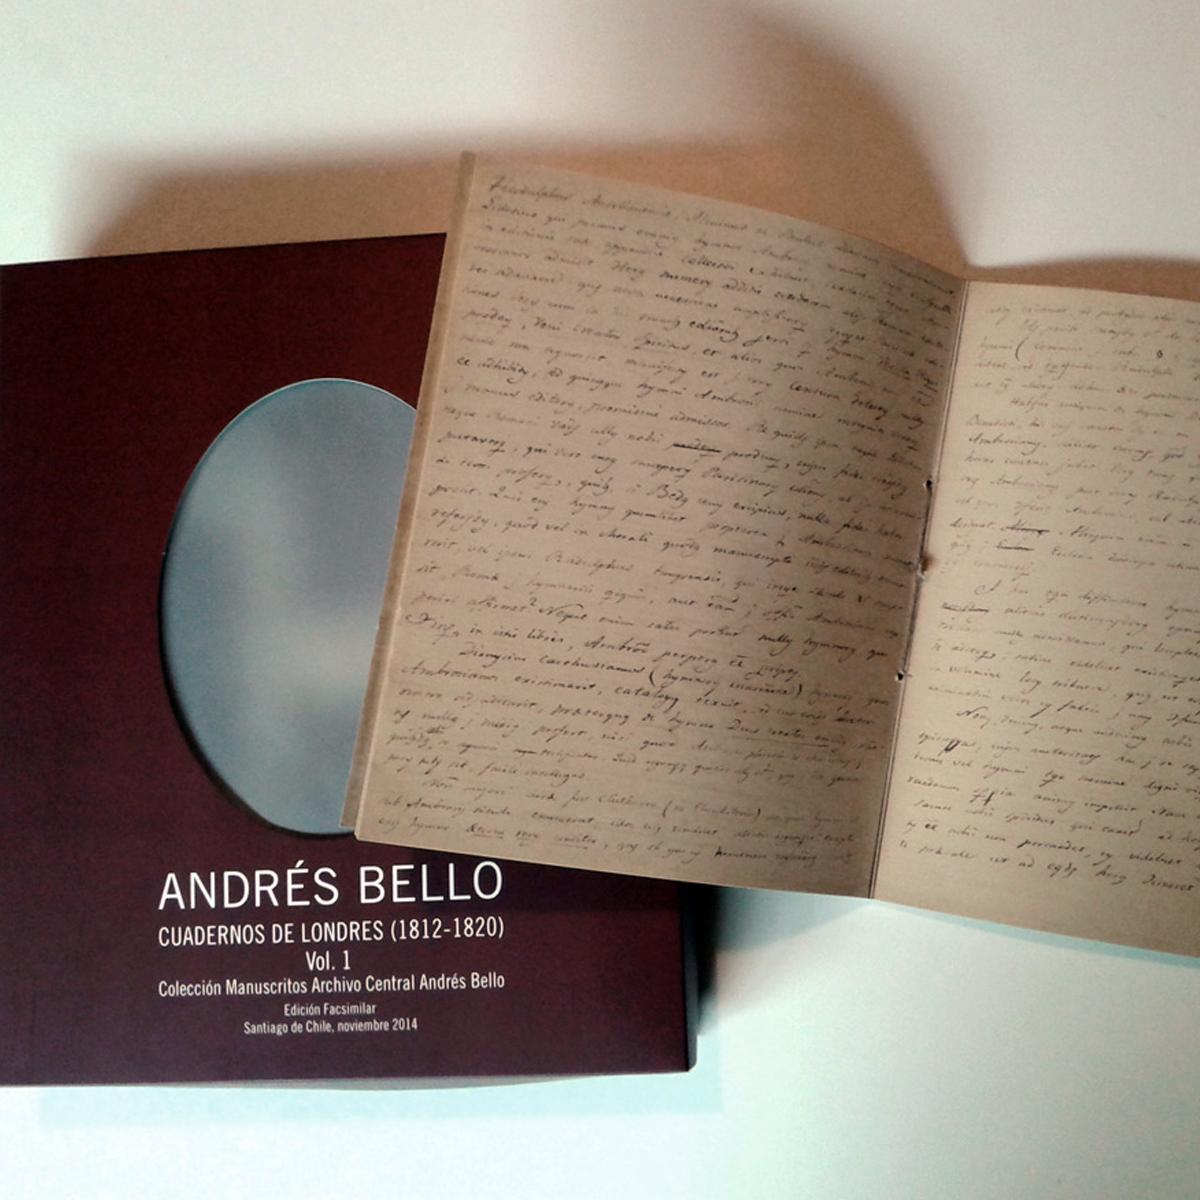 Diseño Editorial para Andrés Bello por María José Larrosa, GP Creative Thinking